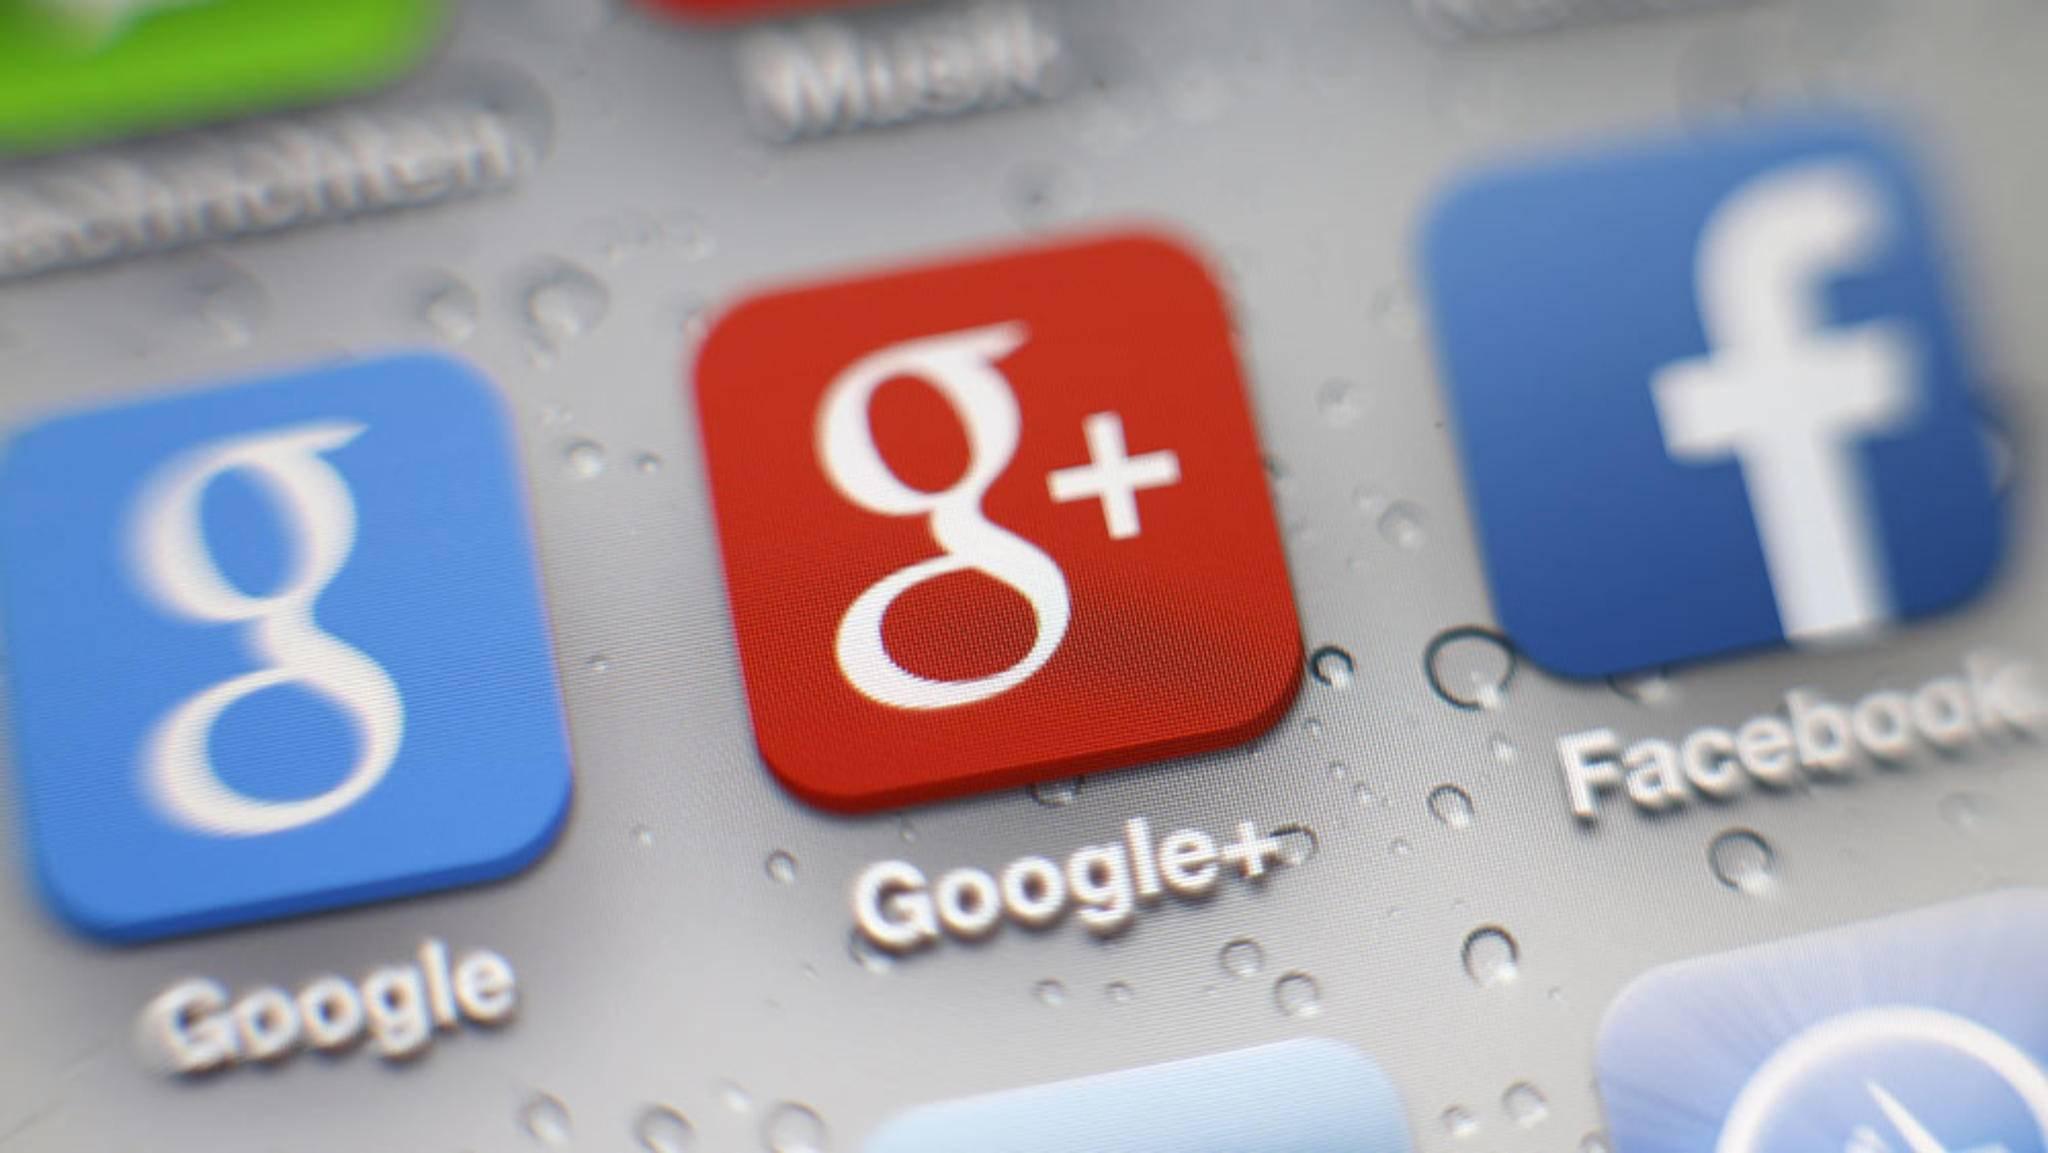 Bevor Google Plus ohnehin dicht macht, verraten wir, wie Du Dein Konto dort löschen kannst.